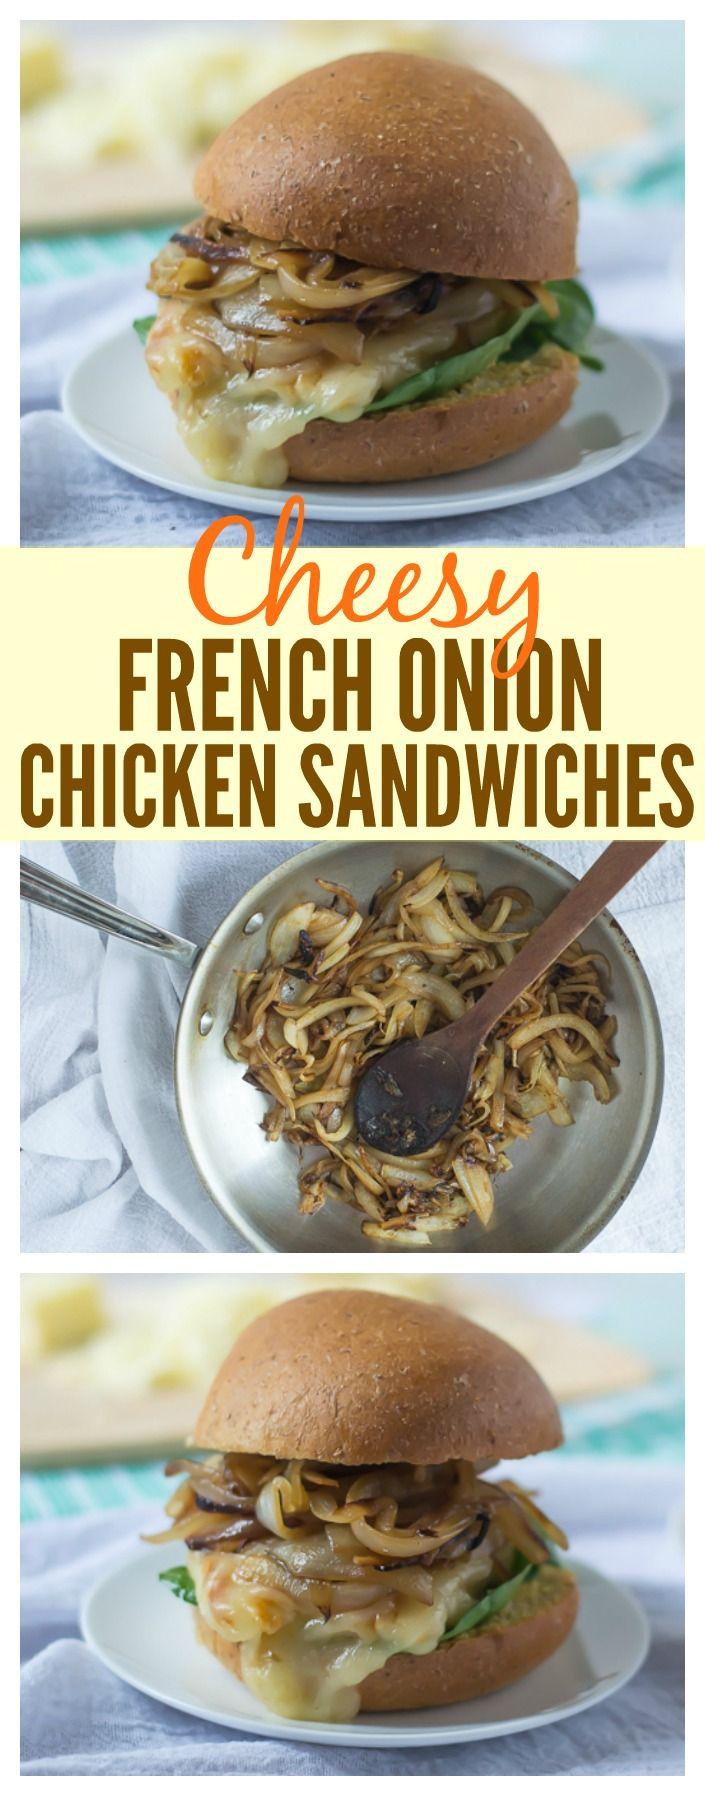 Cheesy Französisch Zwiebel Huhn Sandwiches.  Die herzhaften karamellisierte Zwiebel Geschmack von Französisch-Onions Suppe in einer Sandwich mit gegrilltem Huhn!  Perfekt für Picknicks, Camping, und unter der Woche Abendessen auch!